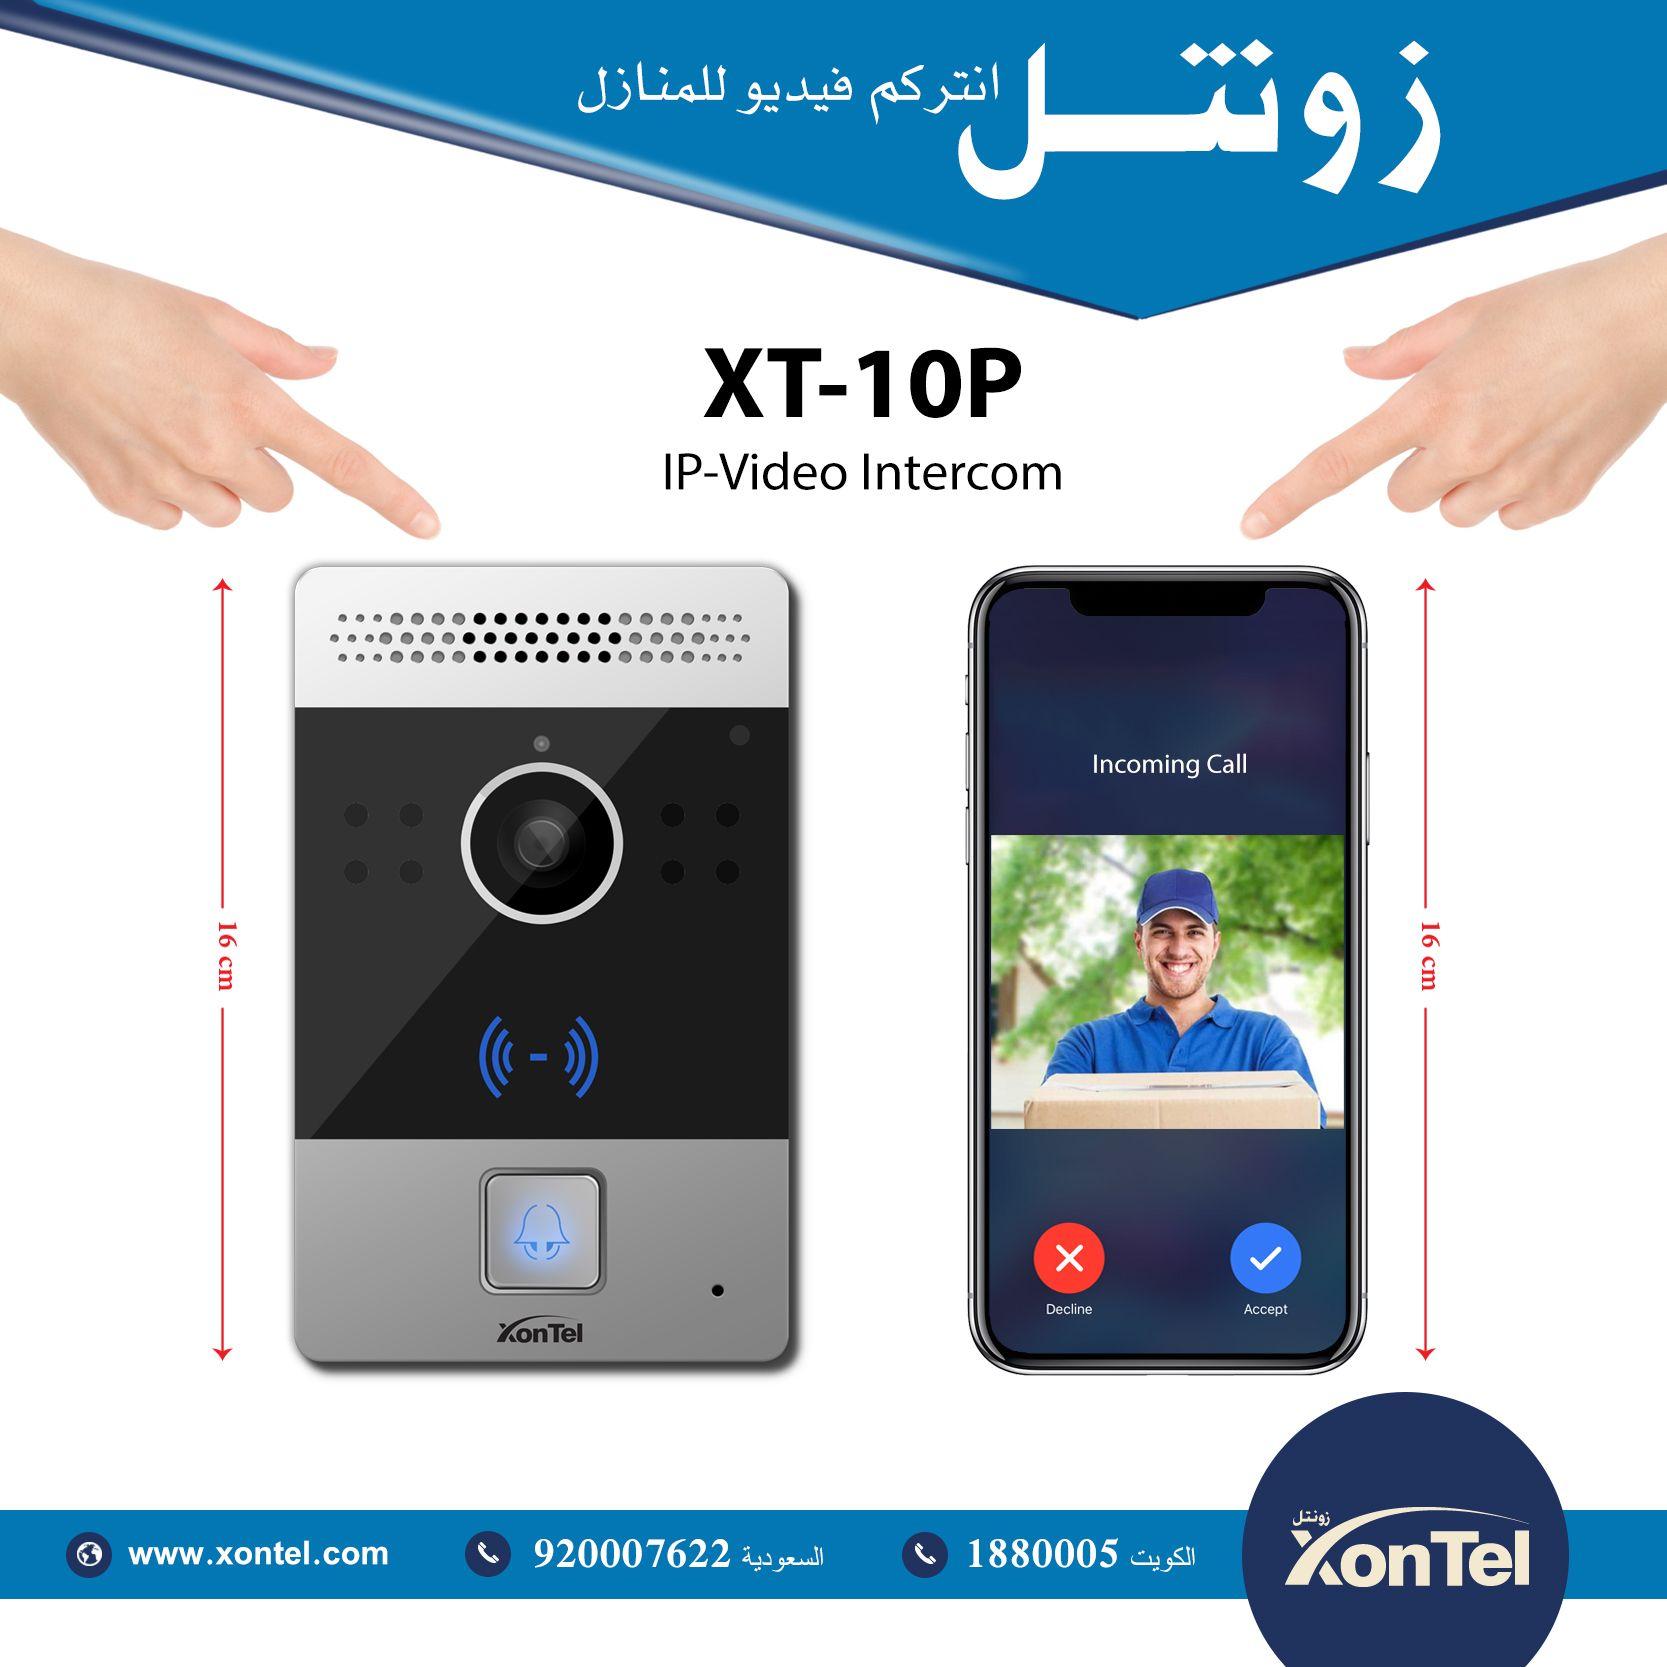 احصل علي مزيد من الأمان لمنزلك او شركتك مع فيديو انتركم Xt 10p Ip Video Intercom الجديد من زونتل حيث يمكنك ربطه مع شاشة زونتل Xt Phone Iphone Incoming Call